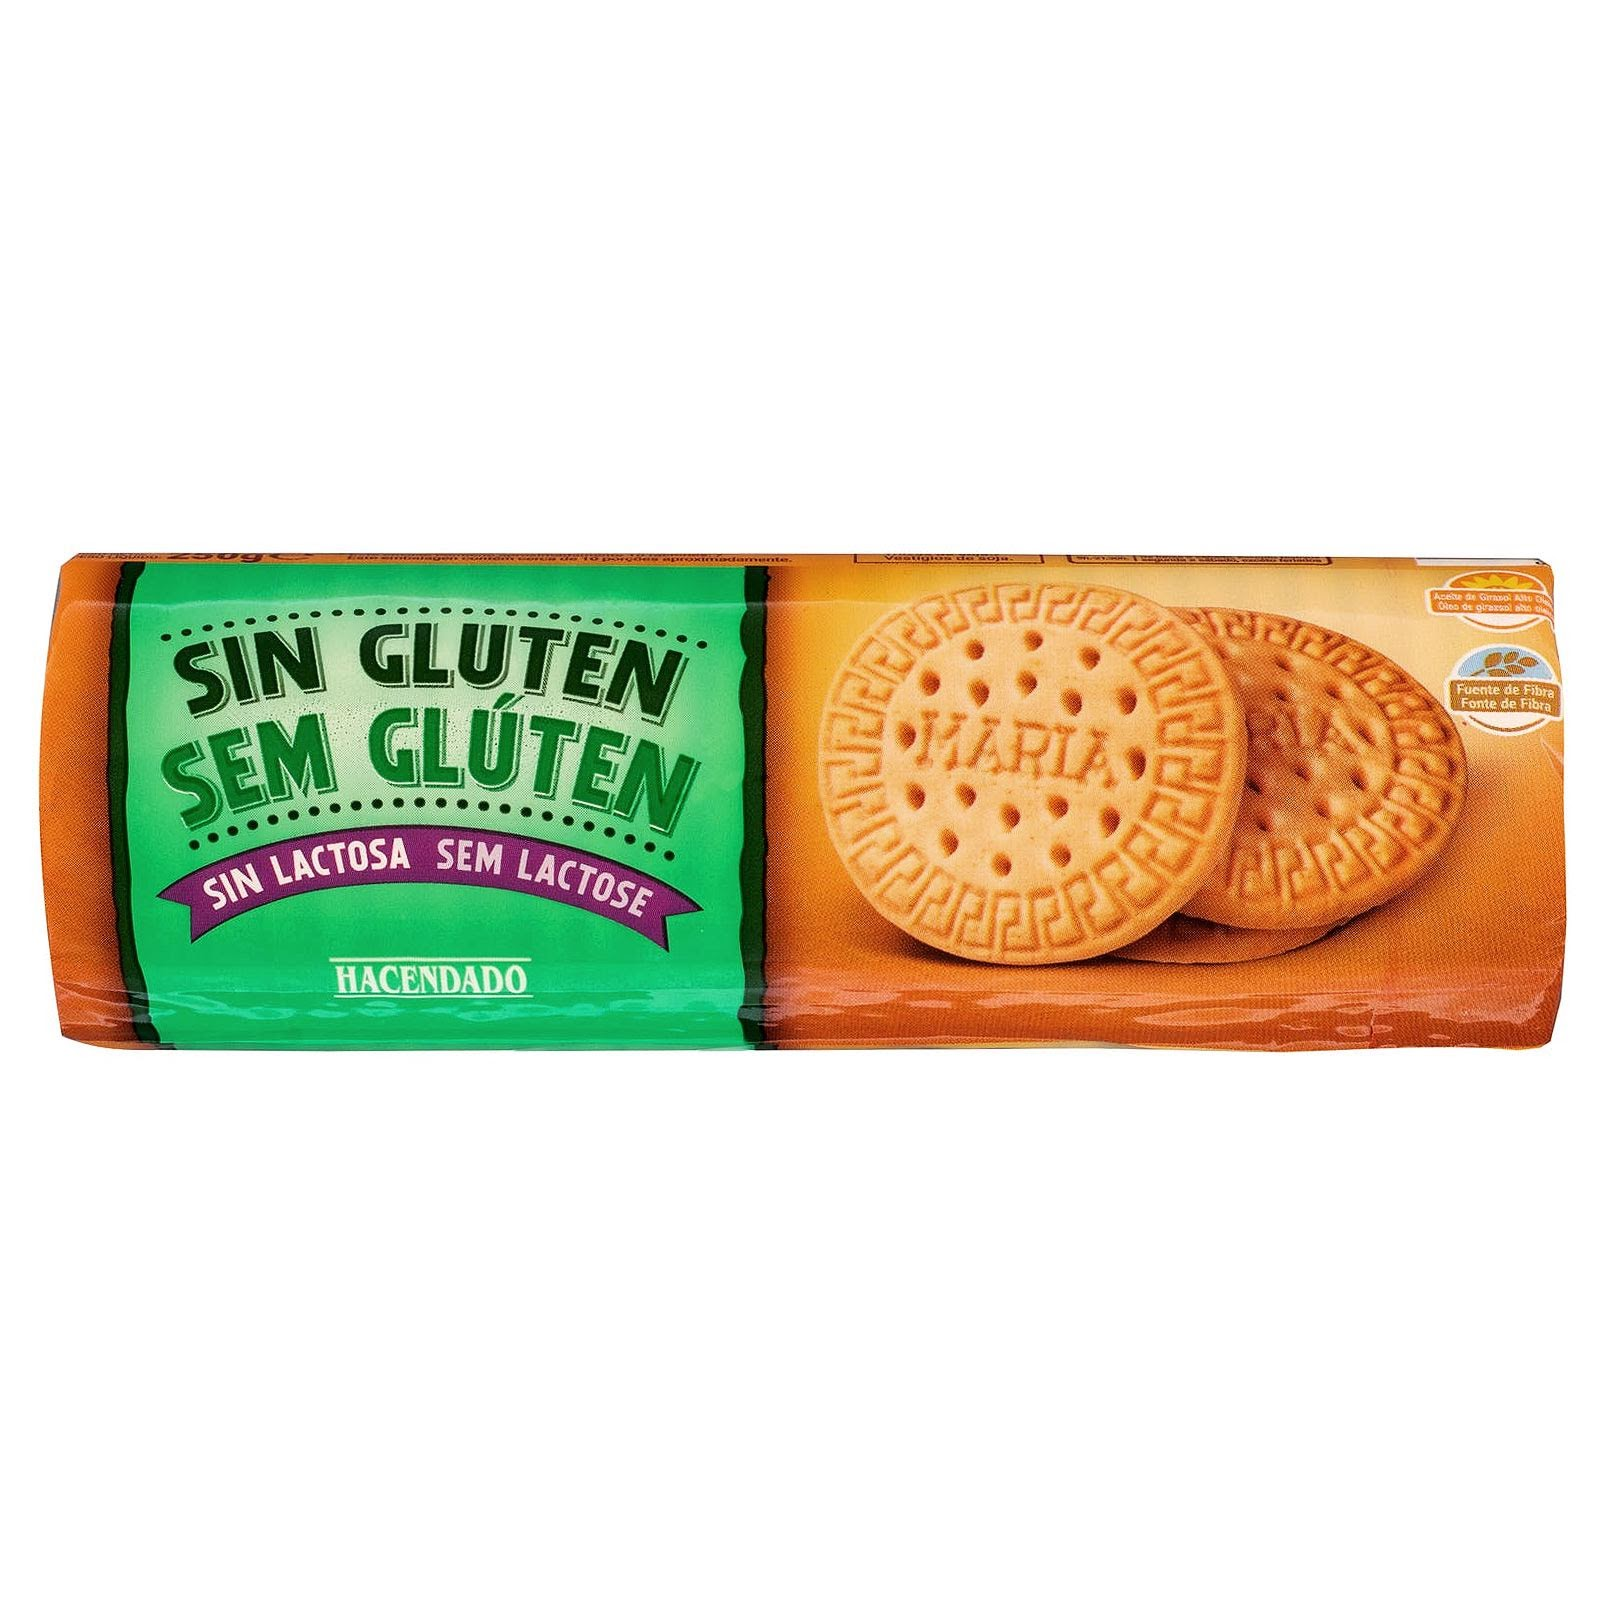 Galletas María sin gluten sin lactosa Hacendado